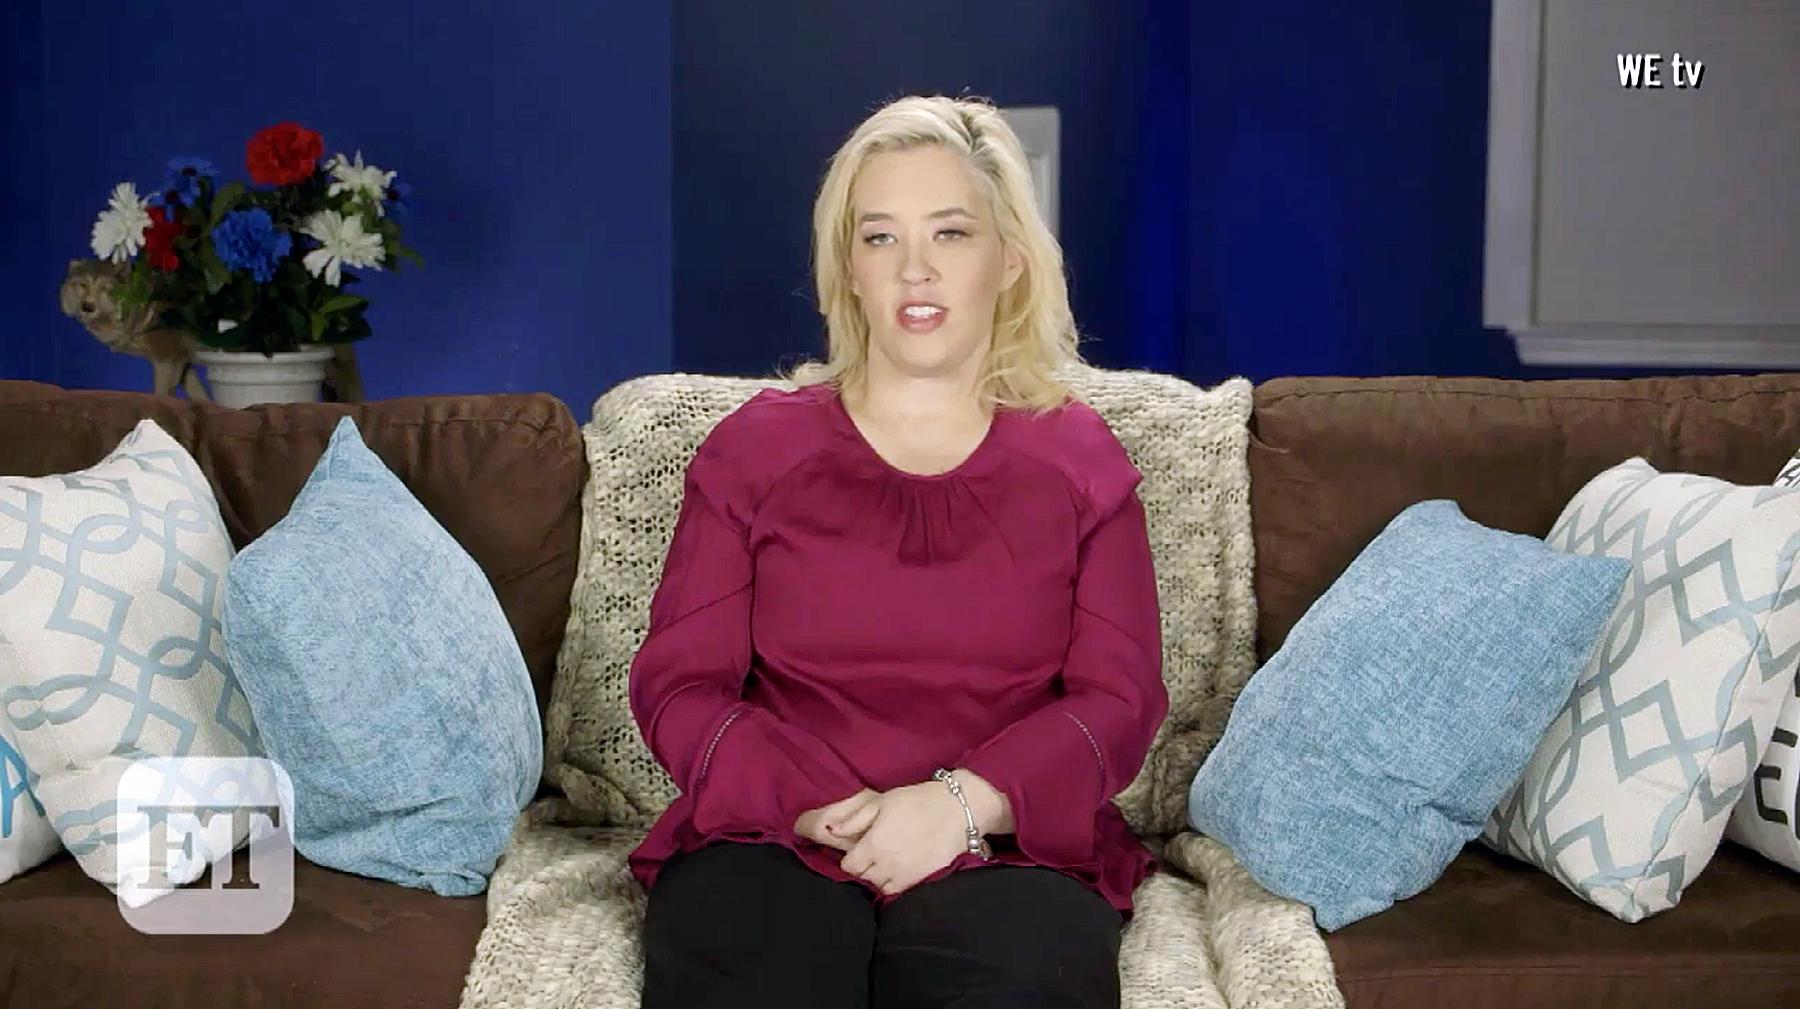 Jennifer Lamb After Weight Loss